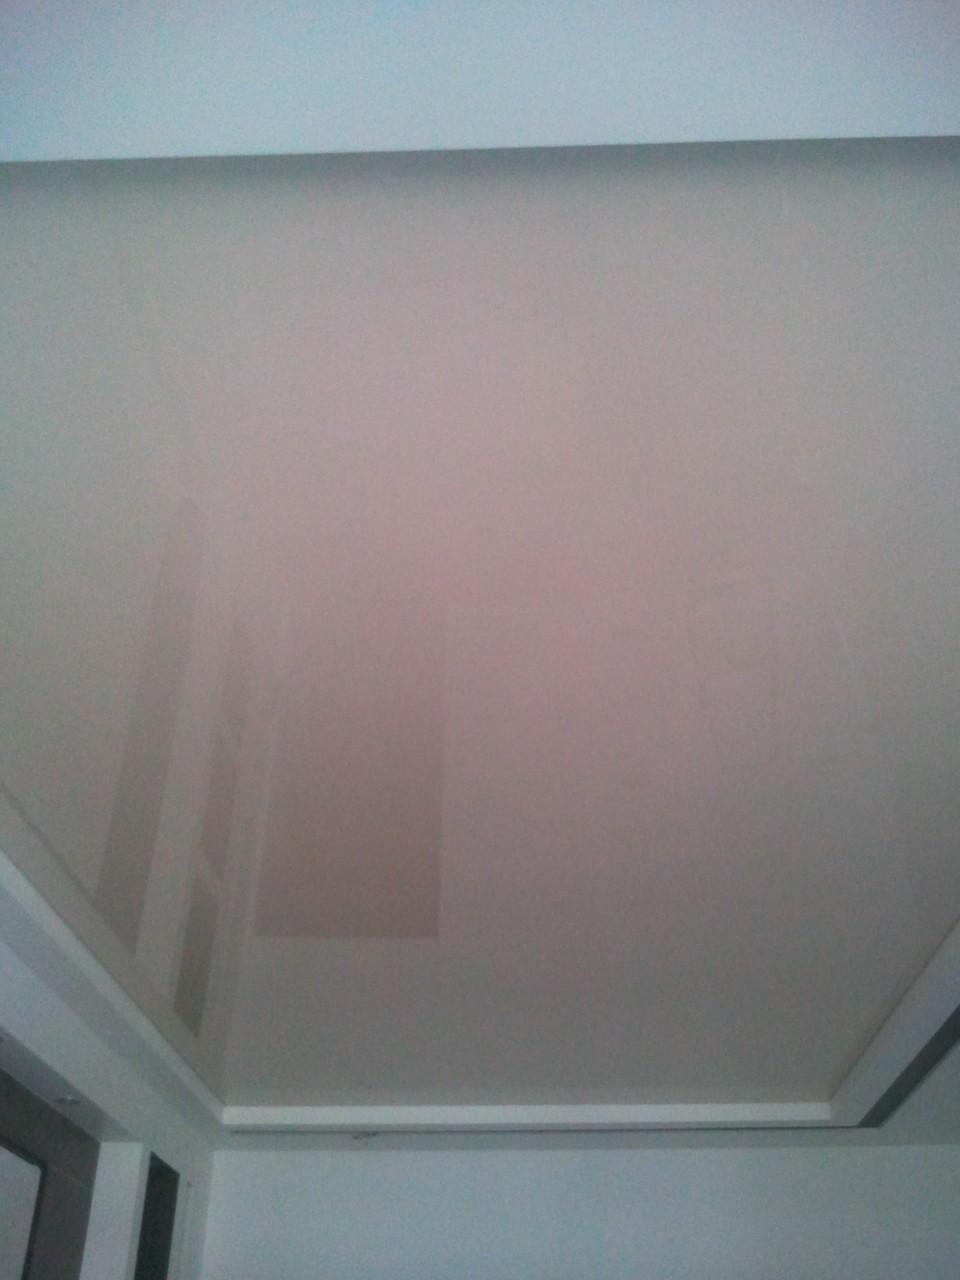 глянцевый бежевый натяжной потолок